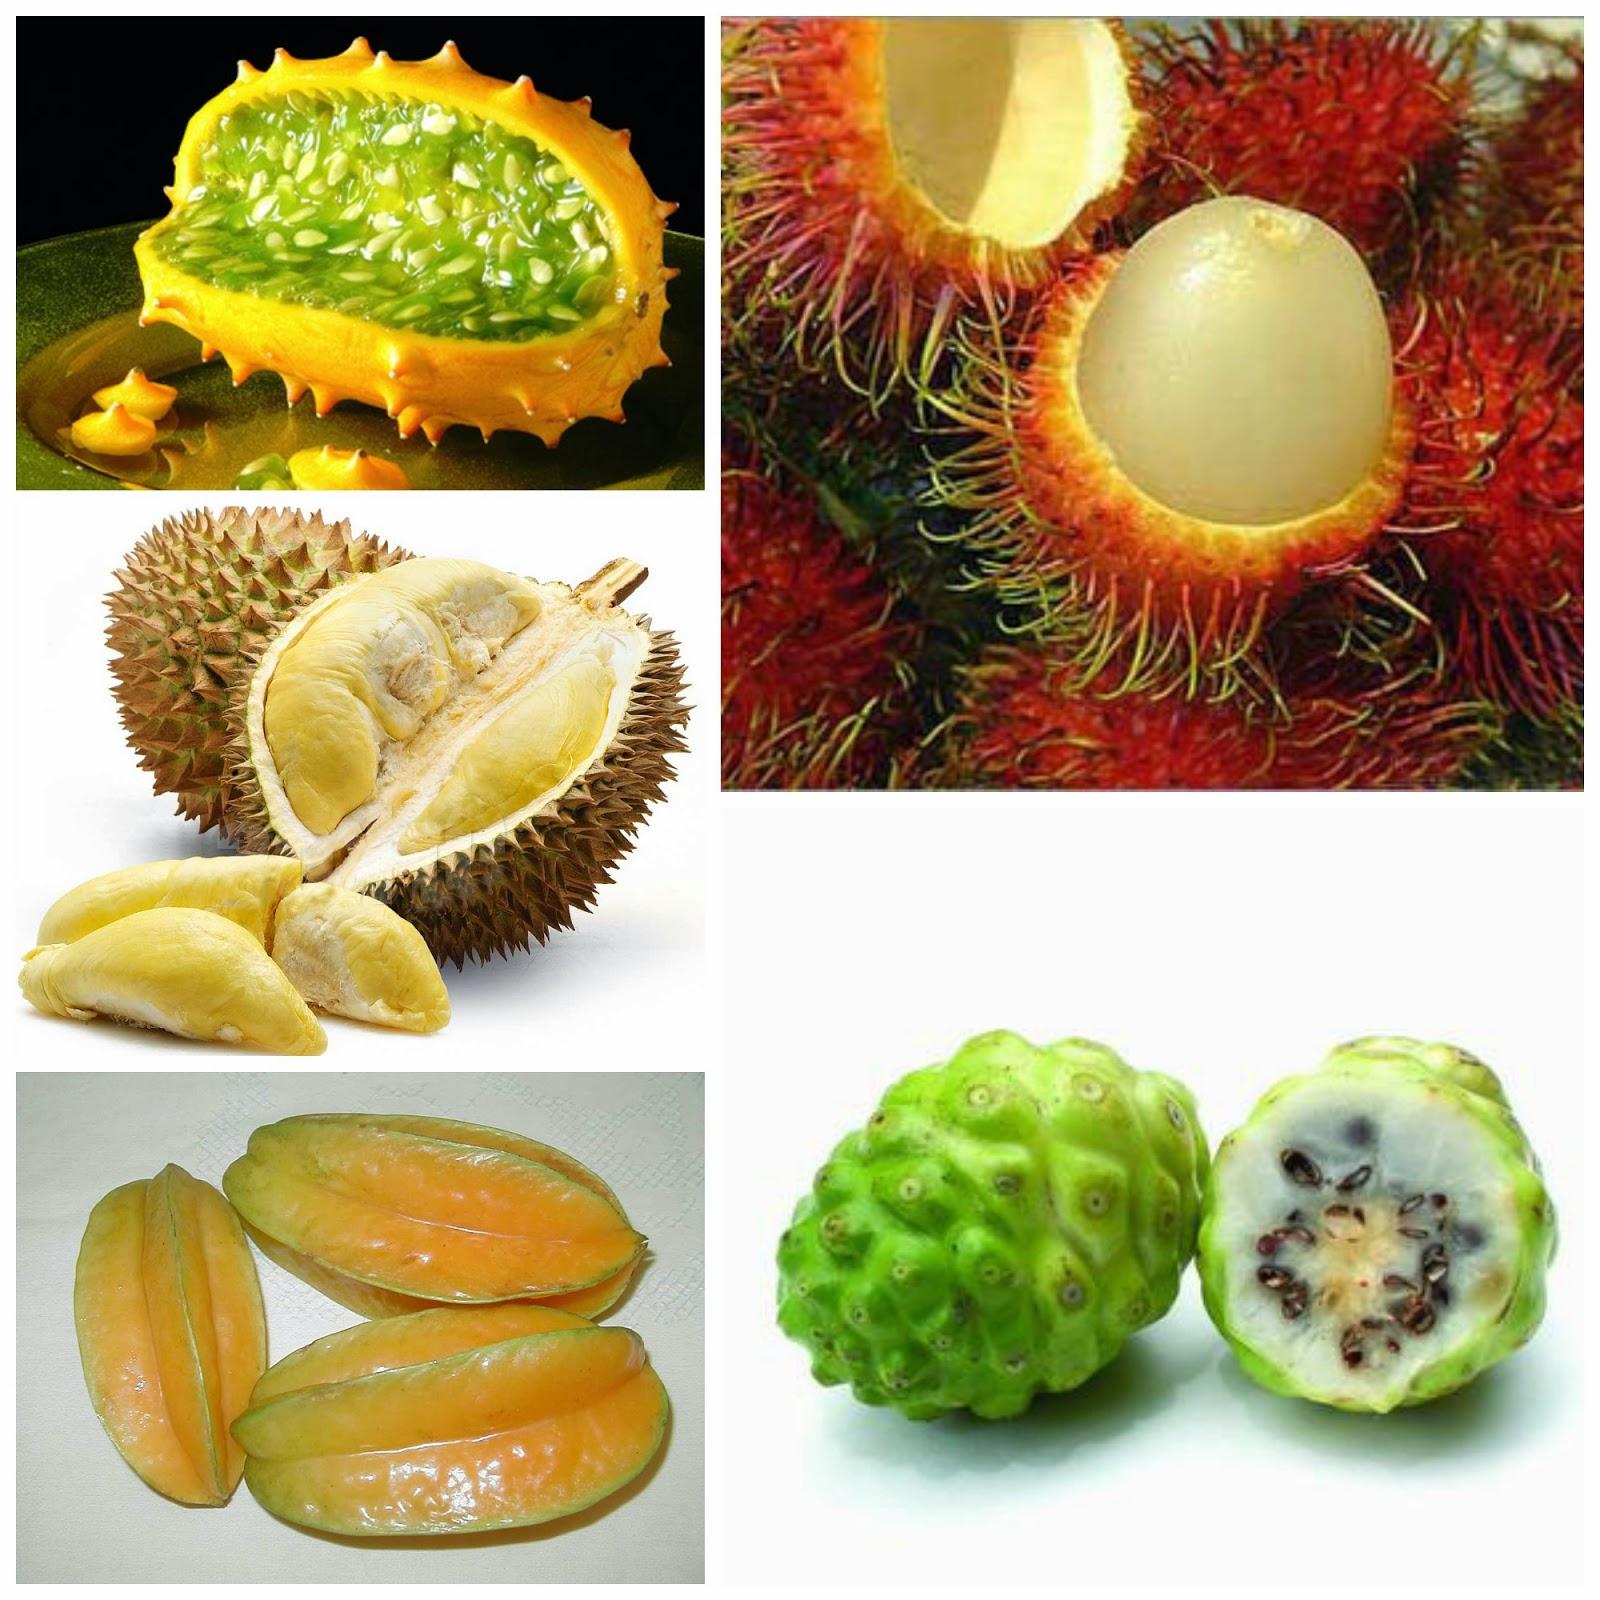 Frutas exoticas frutas verduras beneficios propiedades y usos - Frutas tropicales y exoticas ...